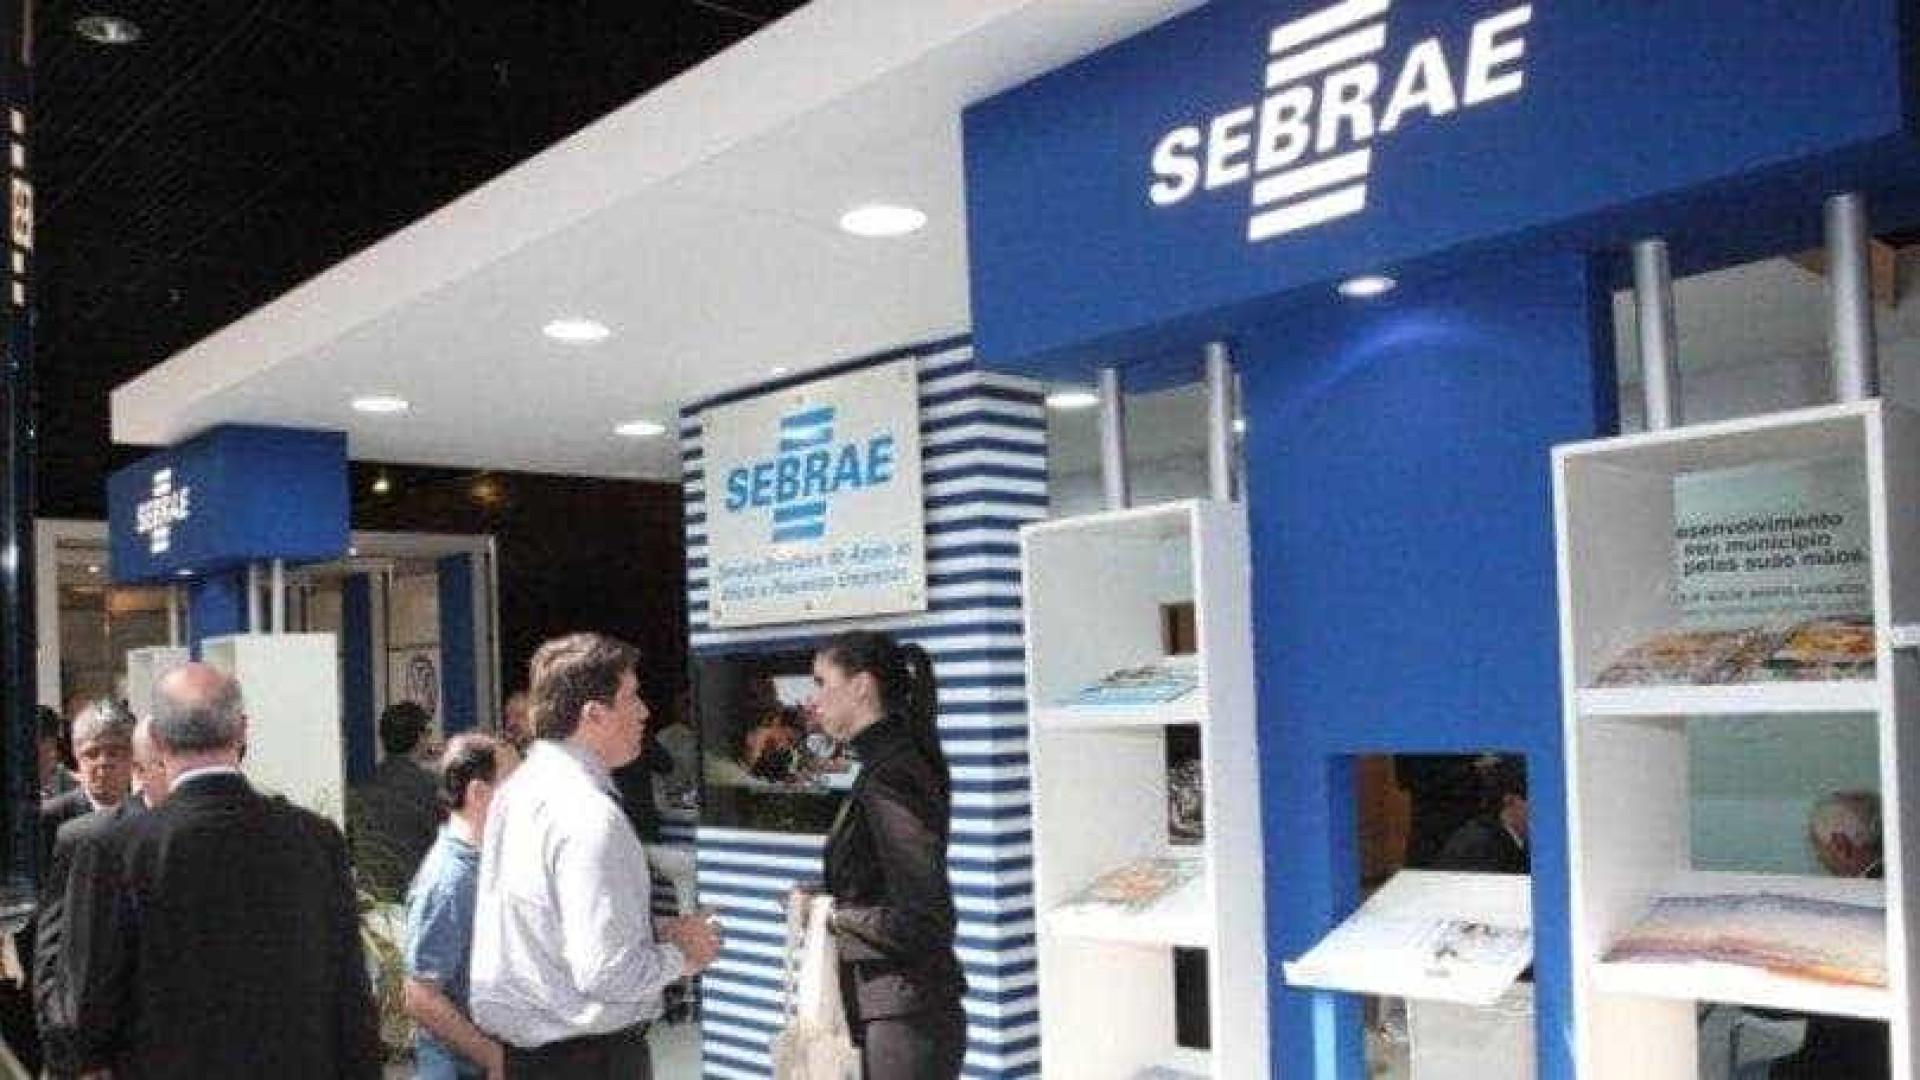 BNB e Sebrae querem ampliar pequenos negócios no Nordeste, MG e ES